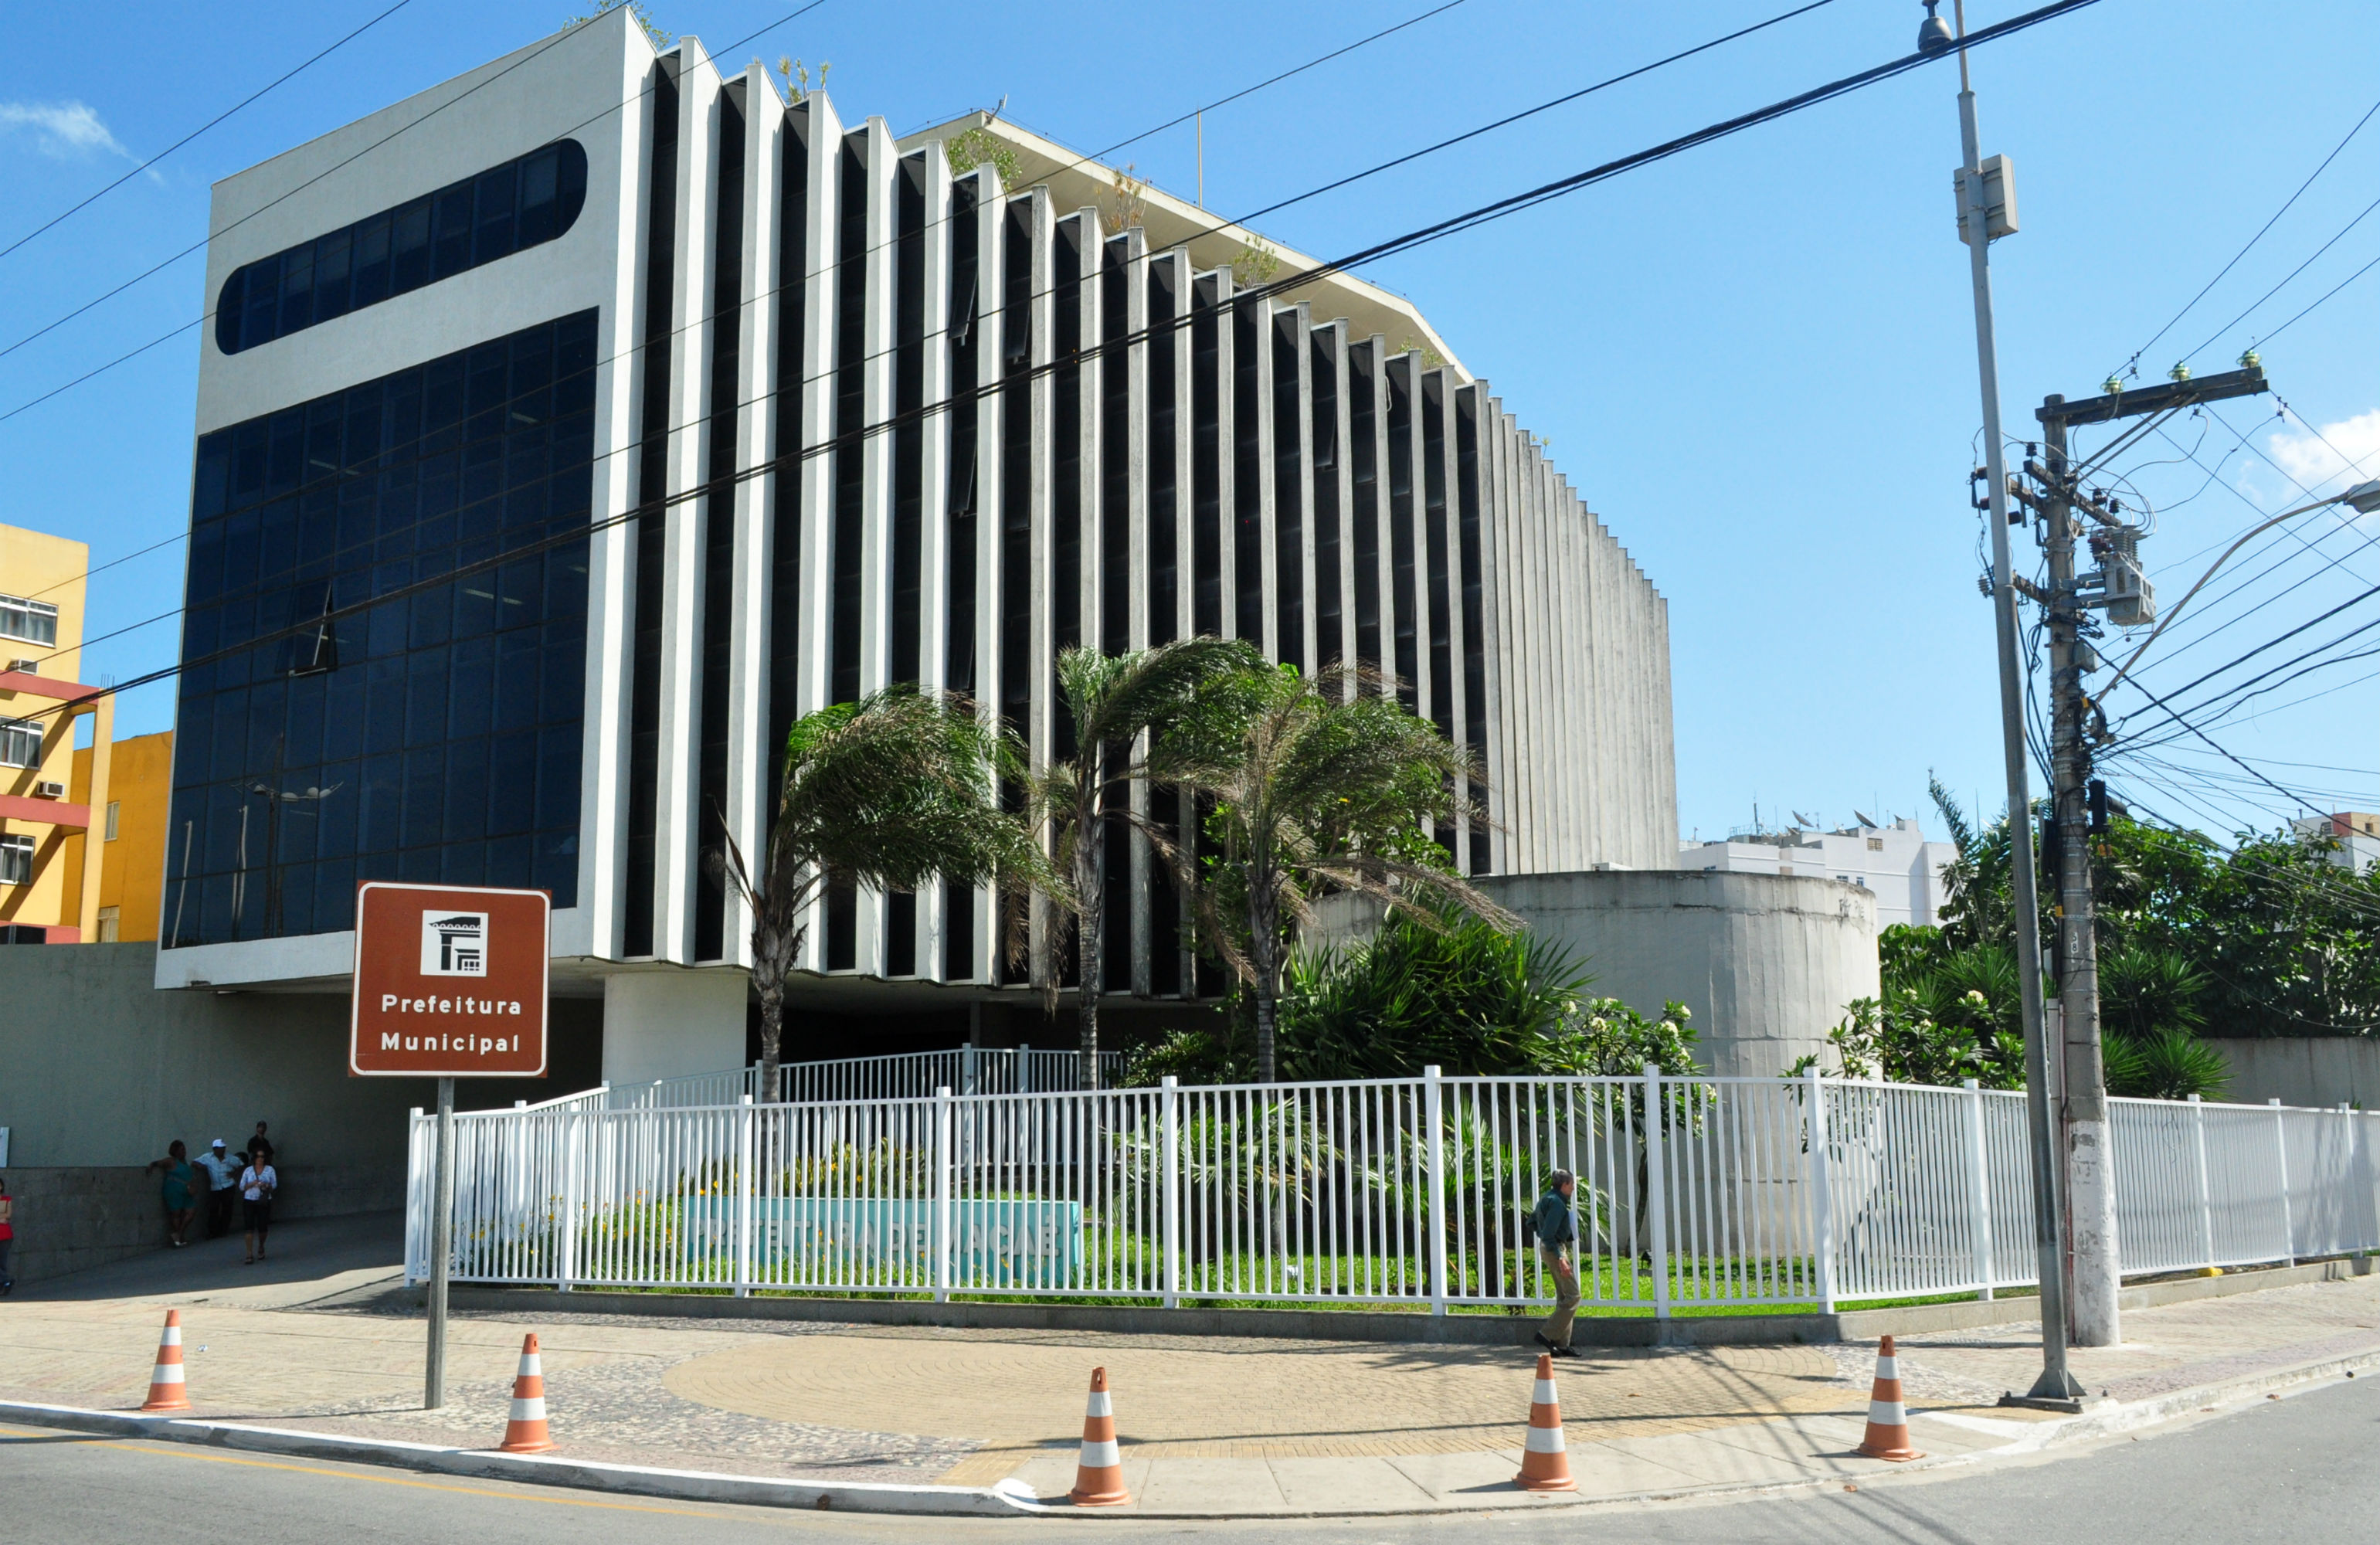 261a8af80d2e9 A Prefeitura de Macaé decretou ponto facultativo na segunda-feira (2 de  julho), nas repartições públicas, em função do jogo da Seleção Brasileira  pelas ...